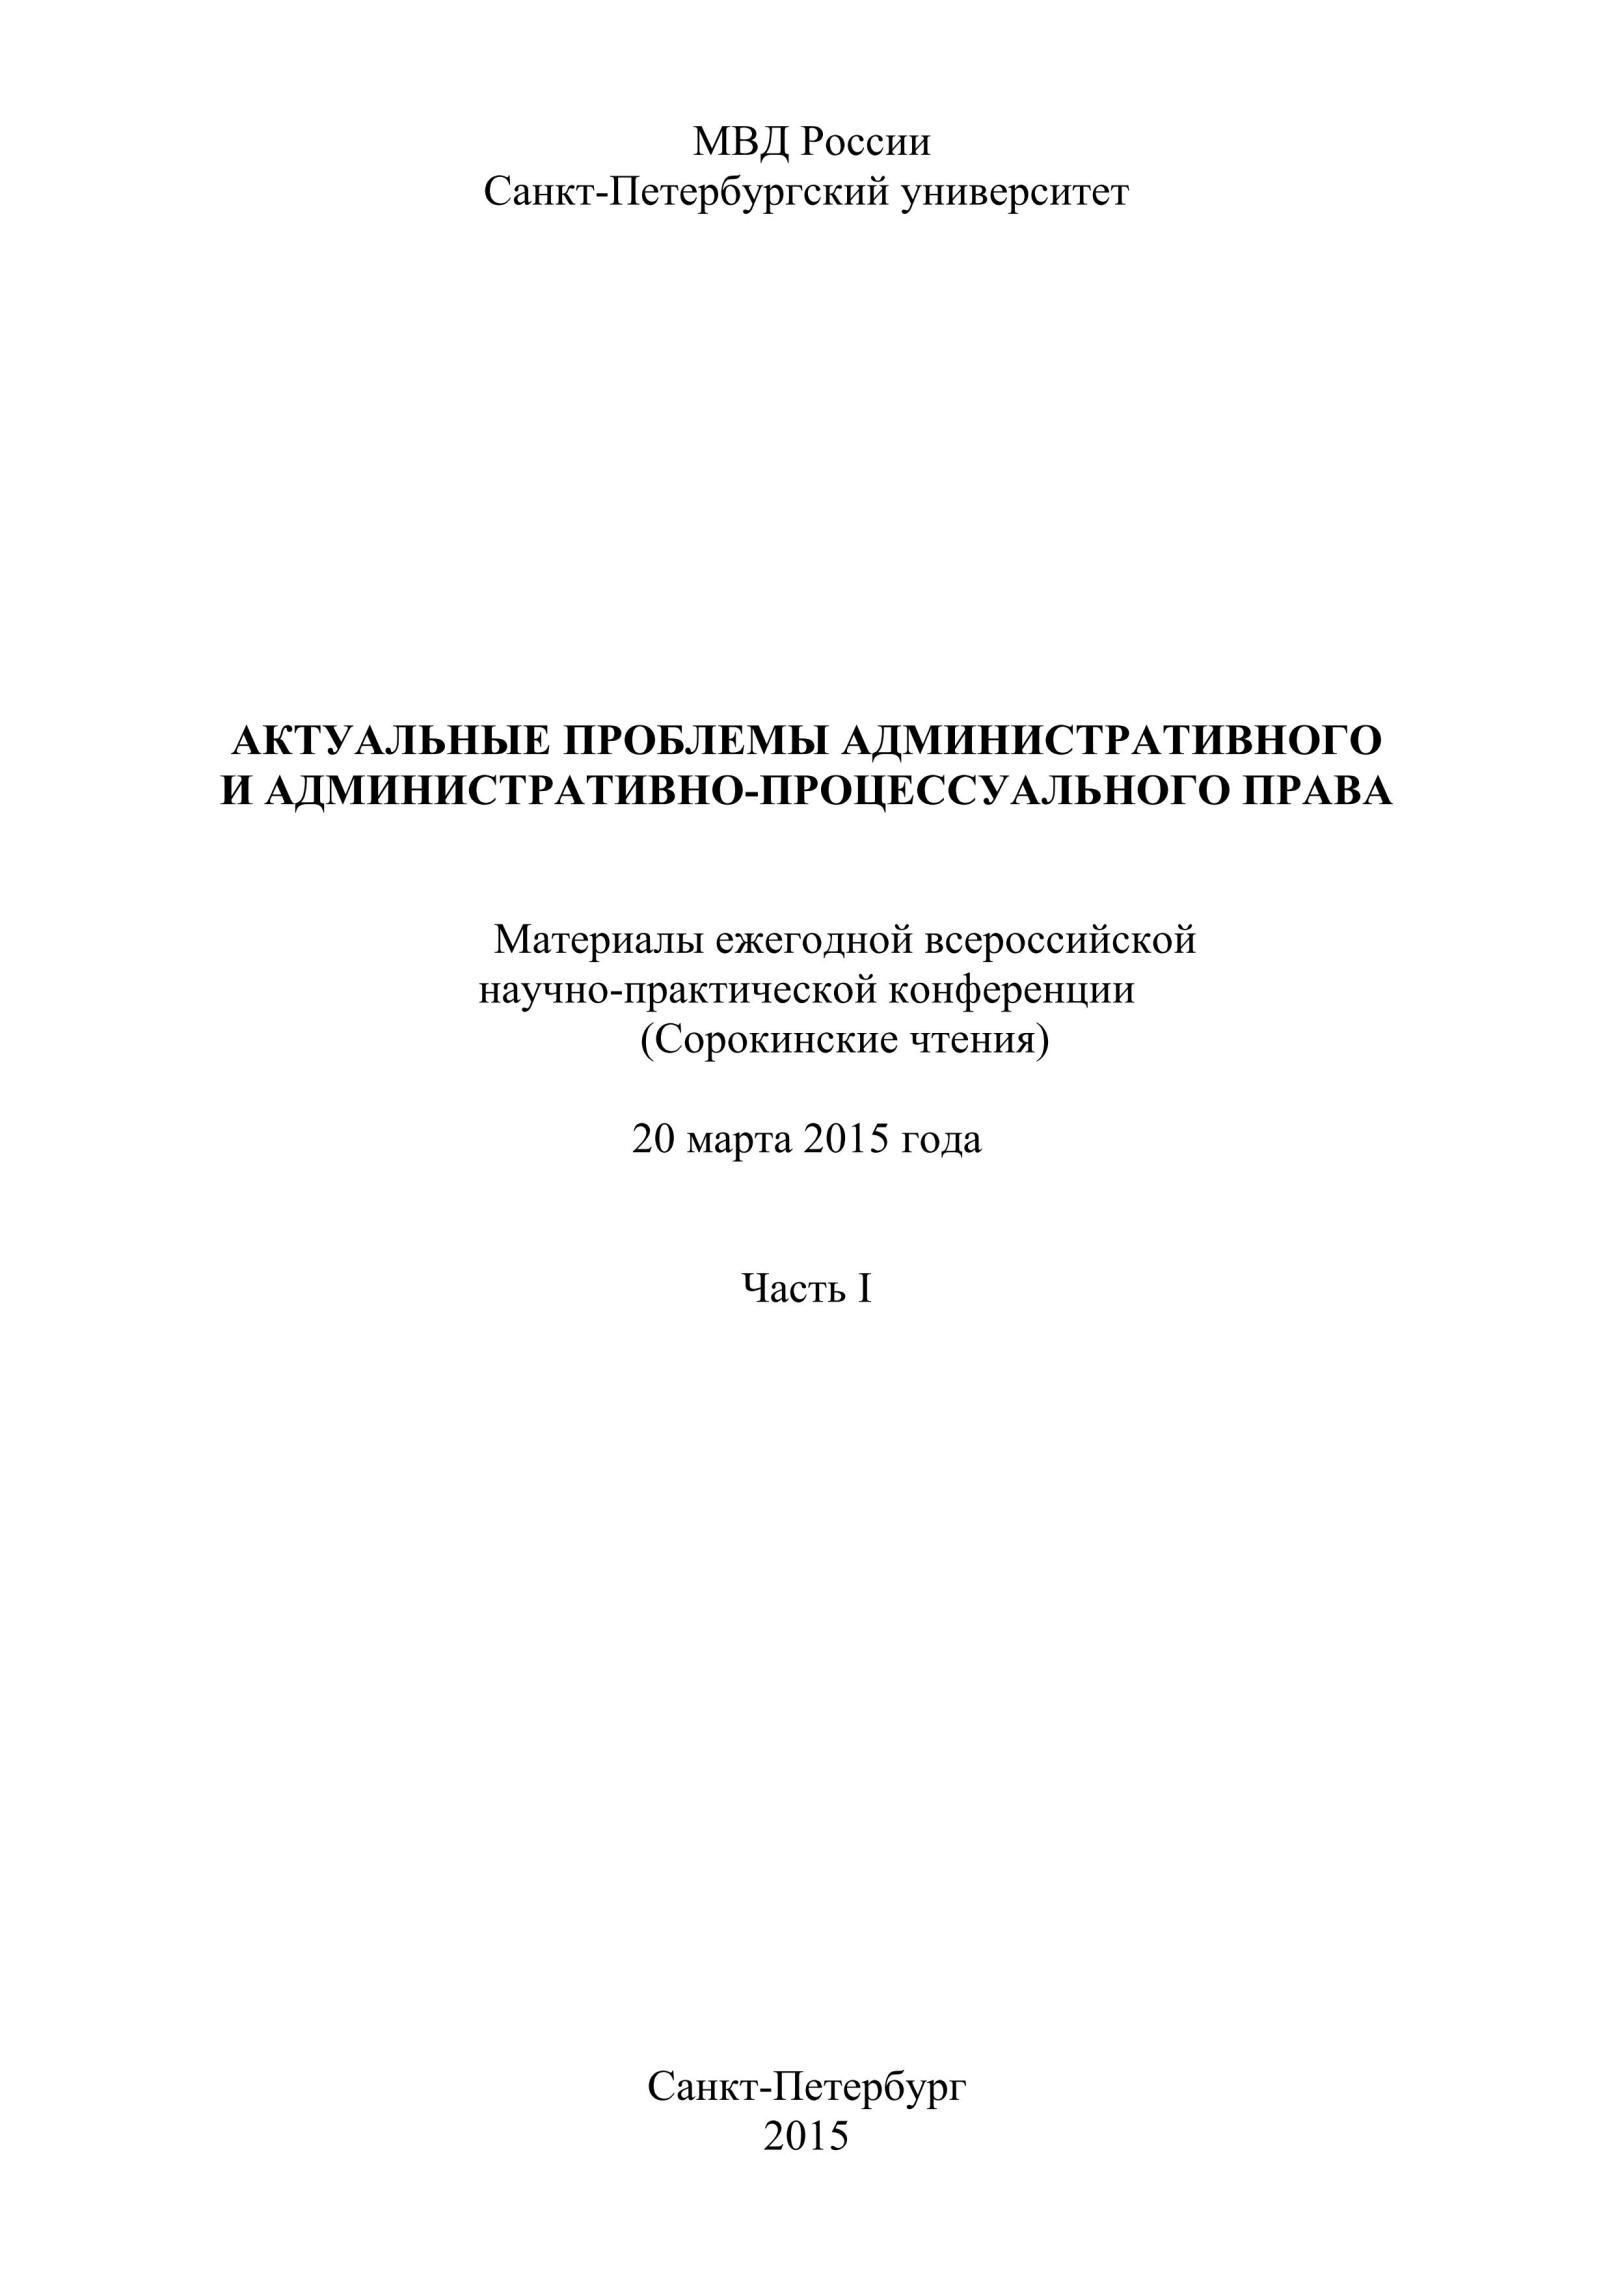 О досудебном и внесудебном порядке рассмотрения административных дел